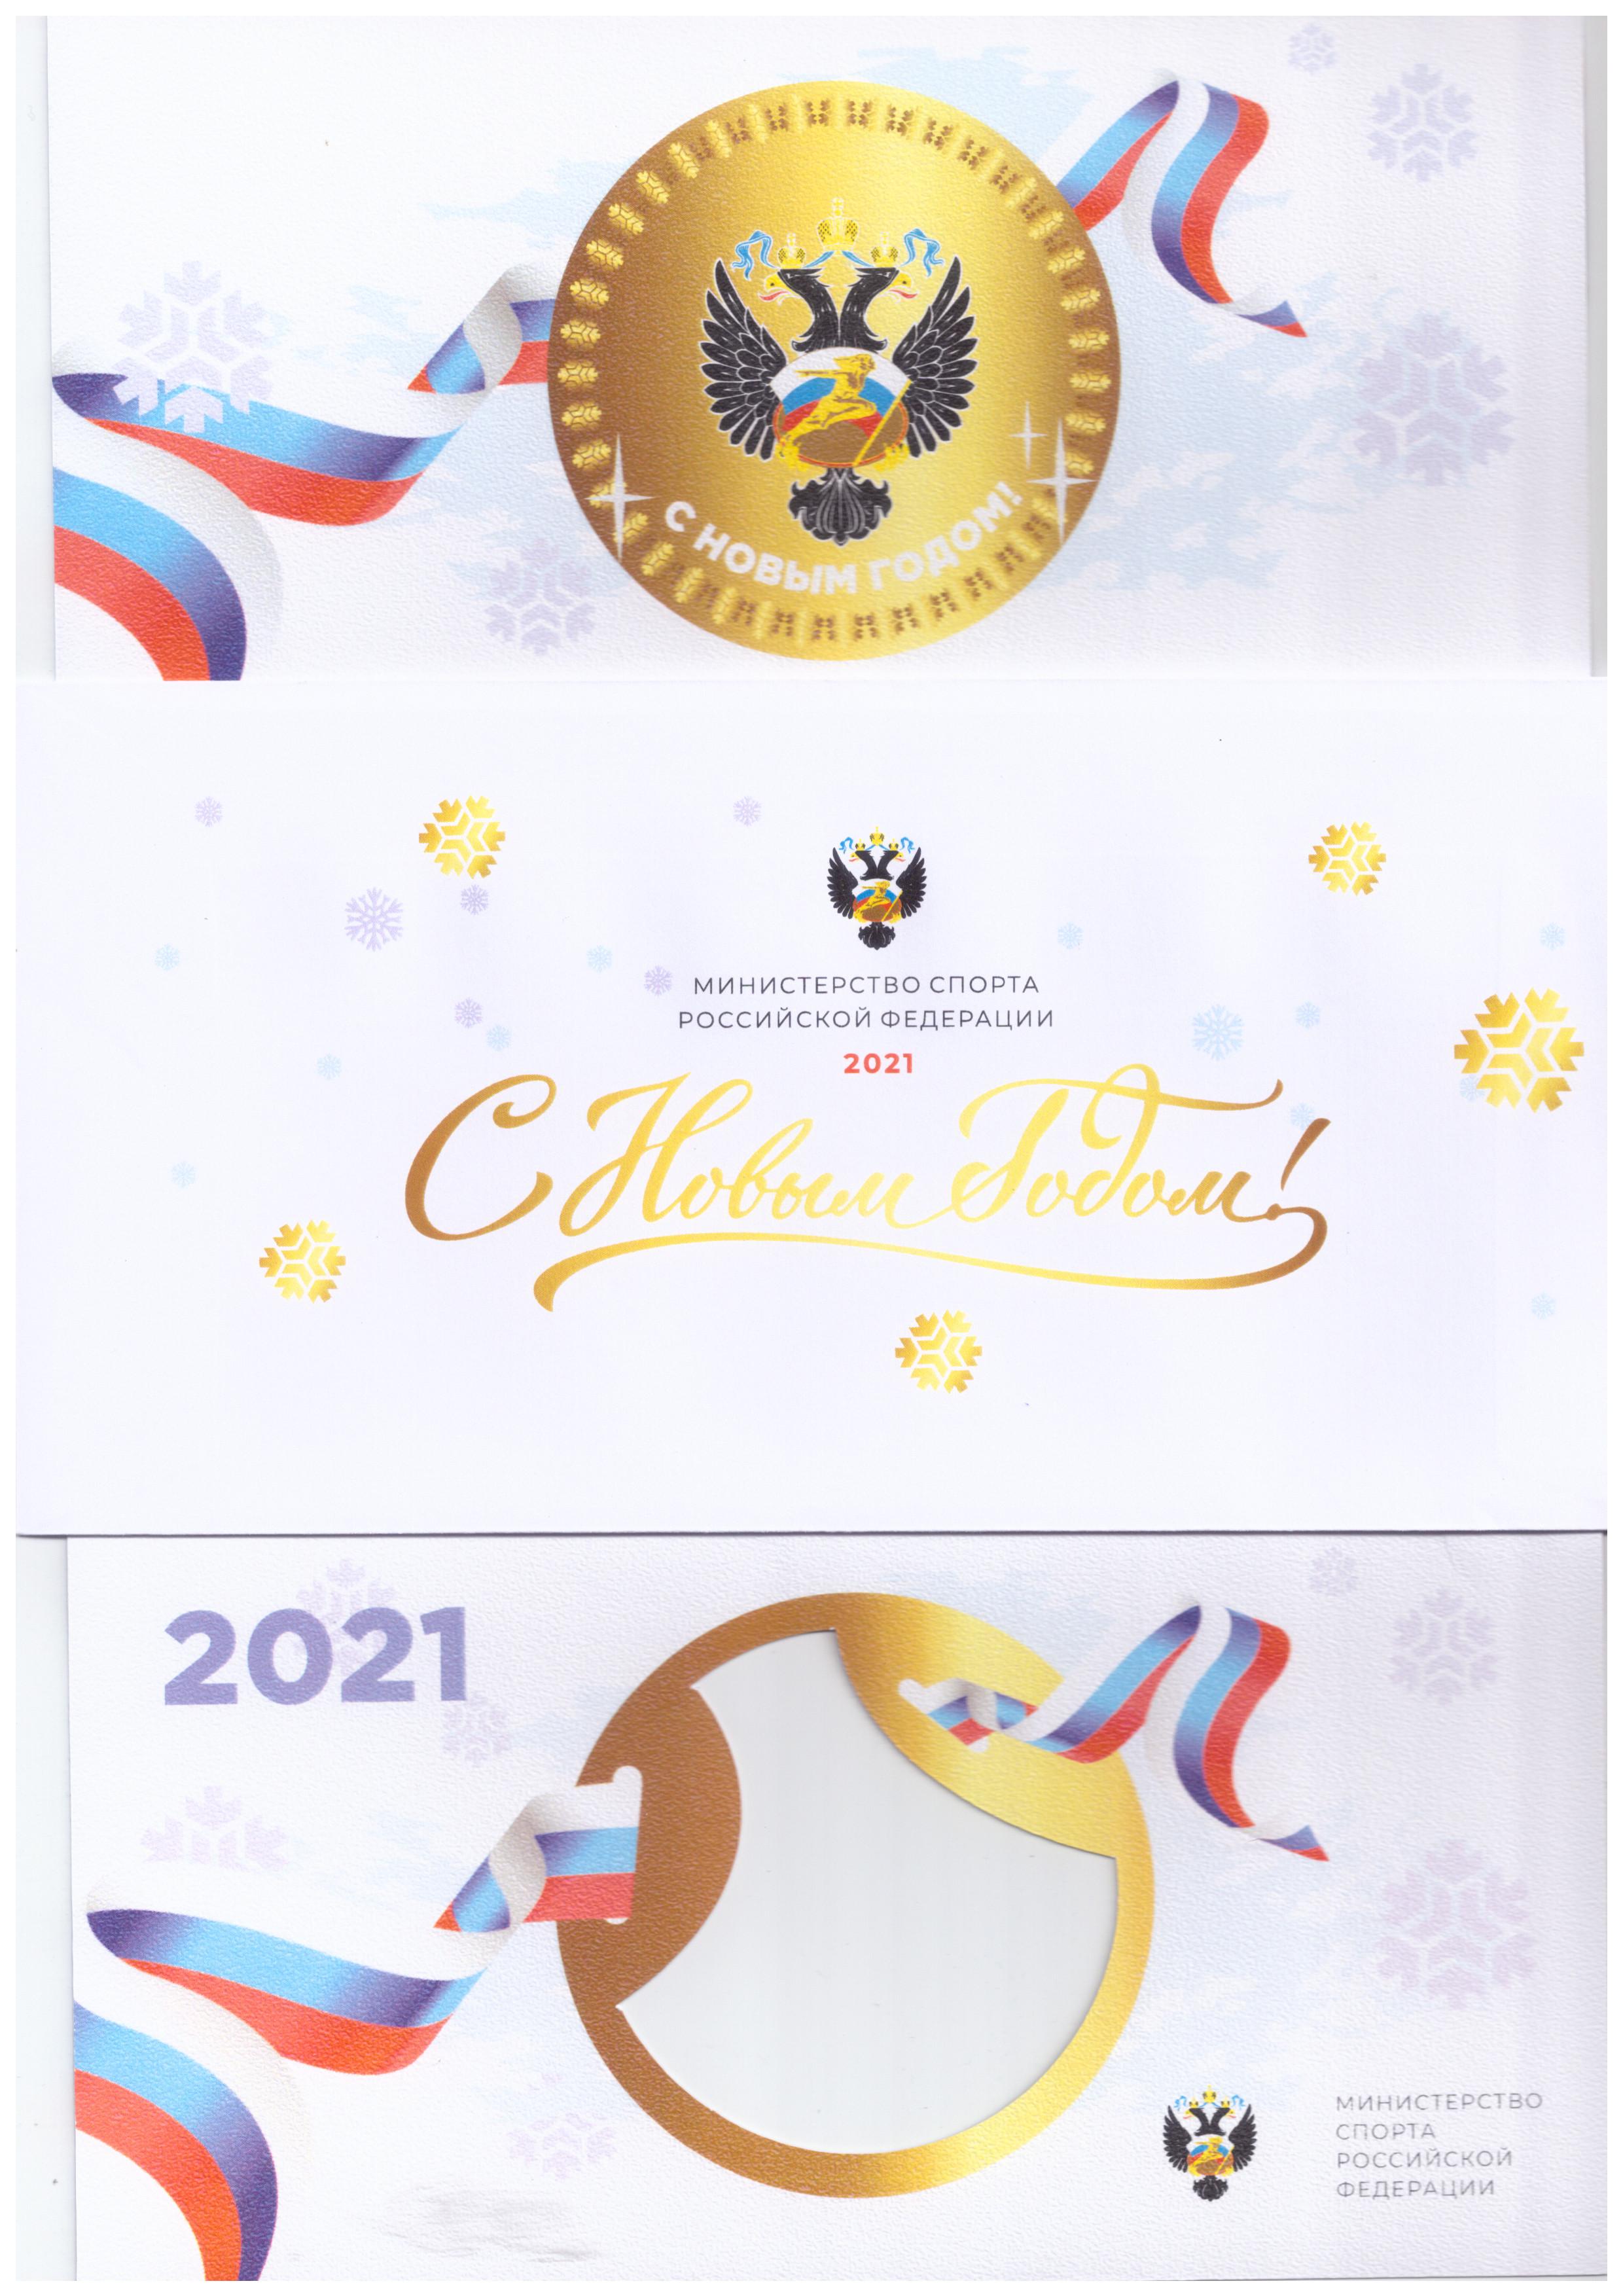 Поздравление с 2021 годом  - 1796.jpg